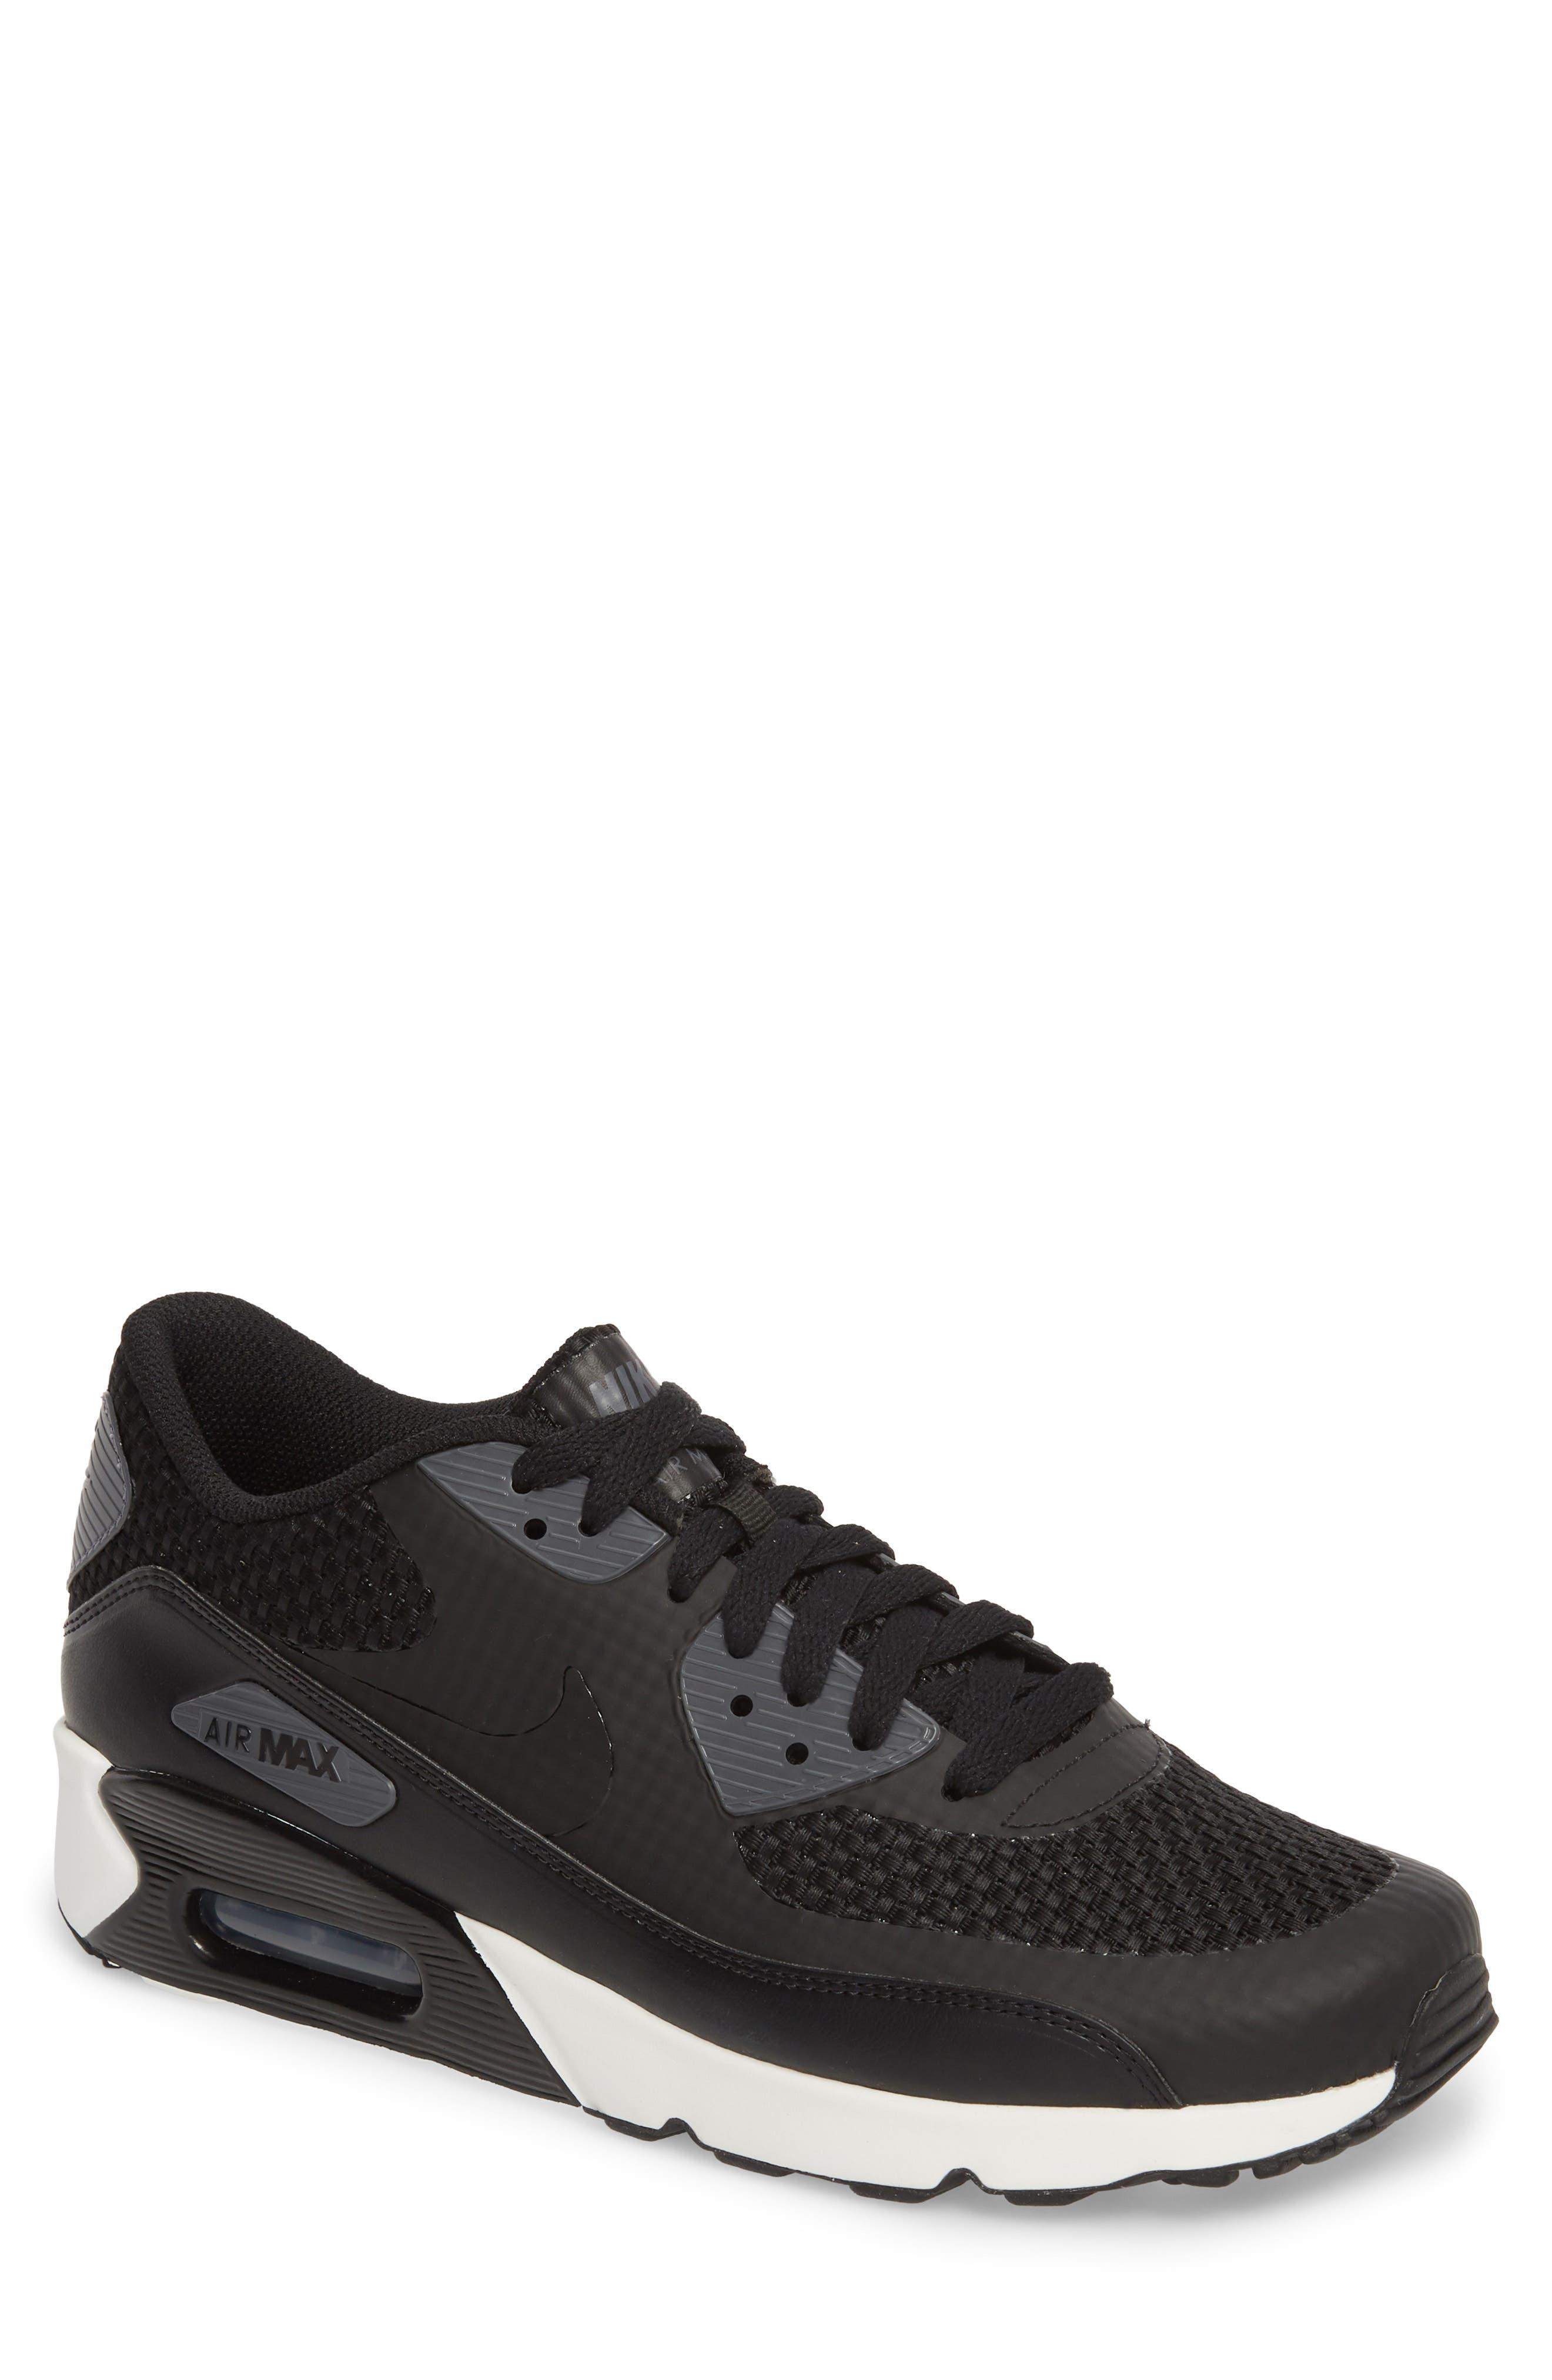 Air Max 90 Ultra 2.0 SE Sneaker,                         Main,                         color,